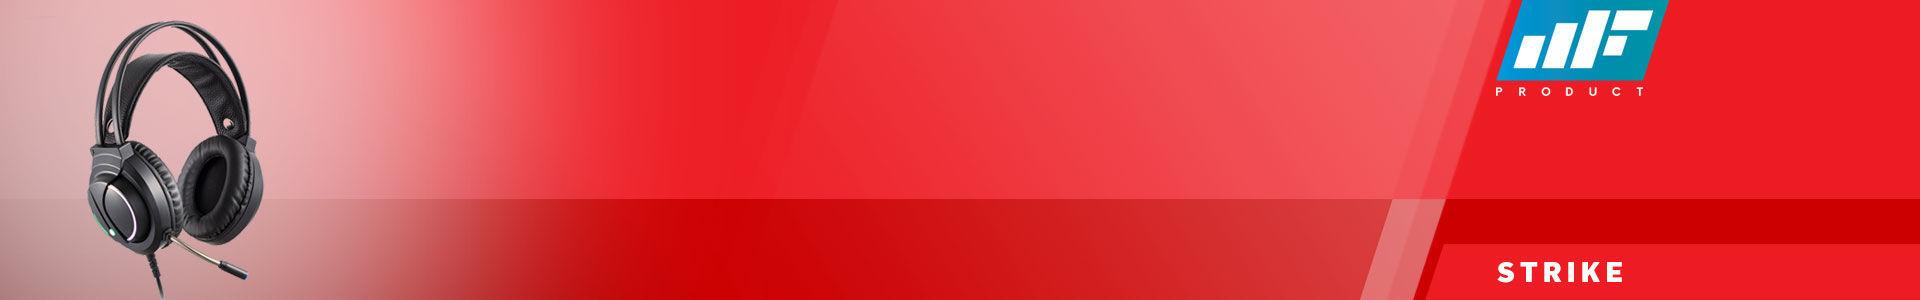 MF Product Strike 0458 Rgb Kulak Üstü Kablolu Oyuncu Kulaklığı 7.1 Usb Siyah için en doğru adrestesin!